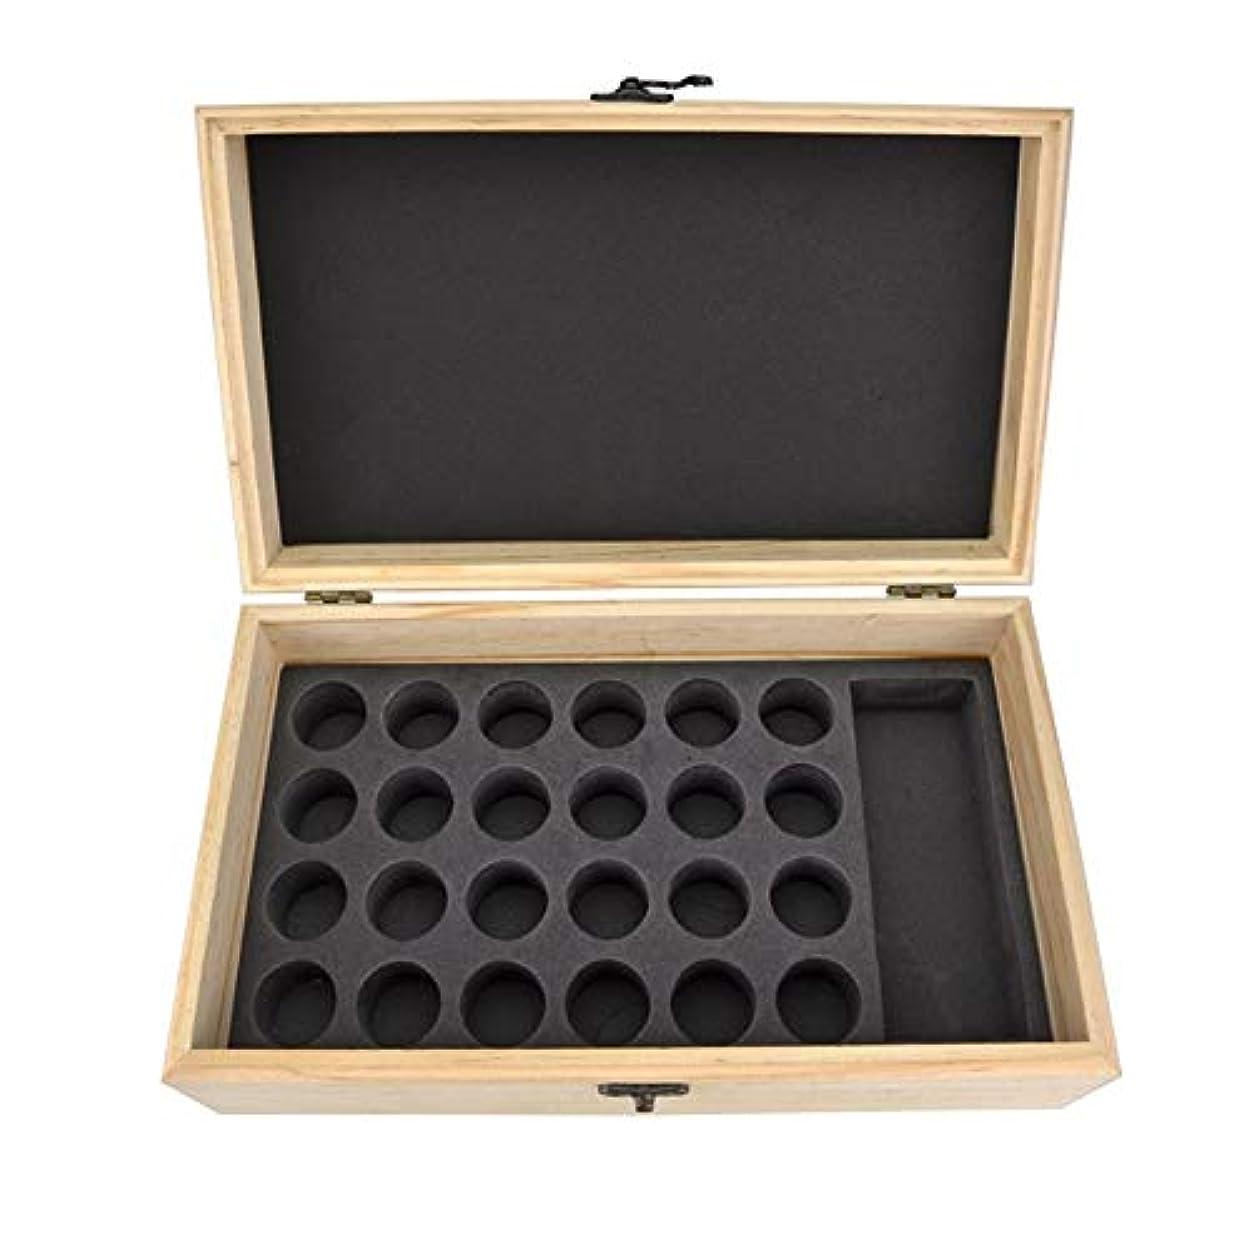 つなぐバウンド認知エッセンシャルオイルの保管 25スロット木製エッセンシャルオイル木箱油収納ケースは、25本のボトルナチュラルパインを開催します (色 : Natural, サイズ : 28.8X16.7X10CM)